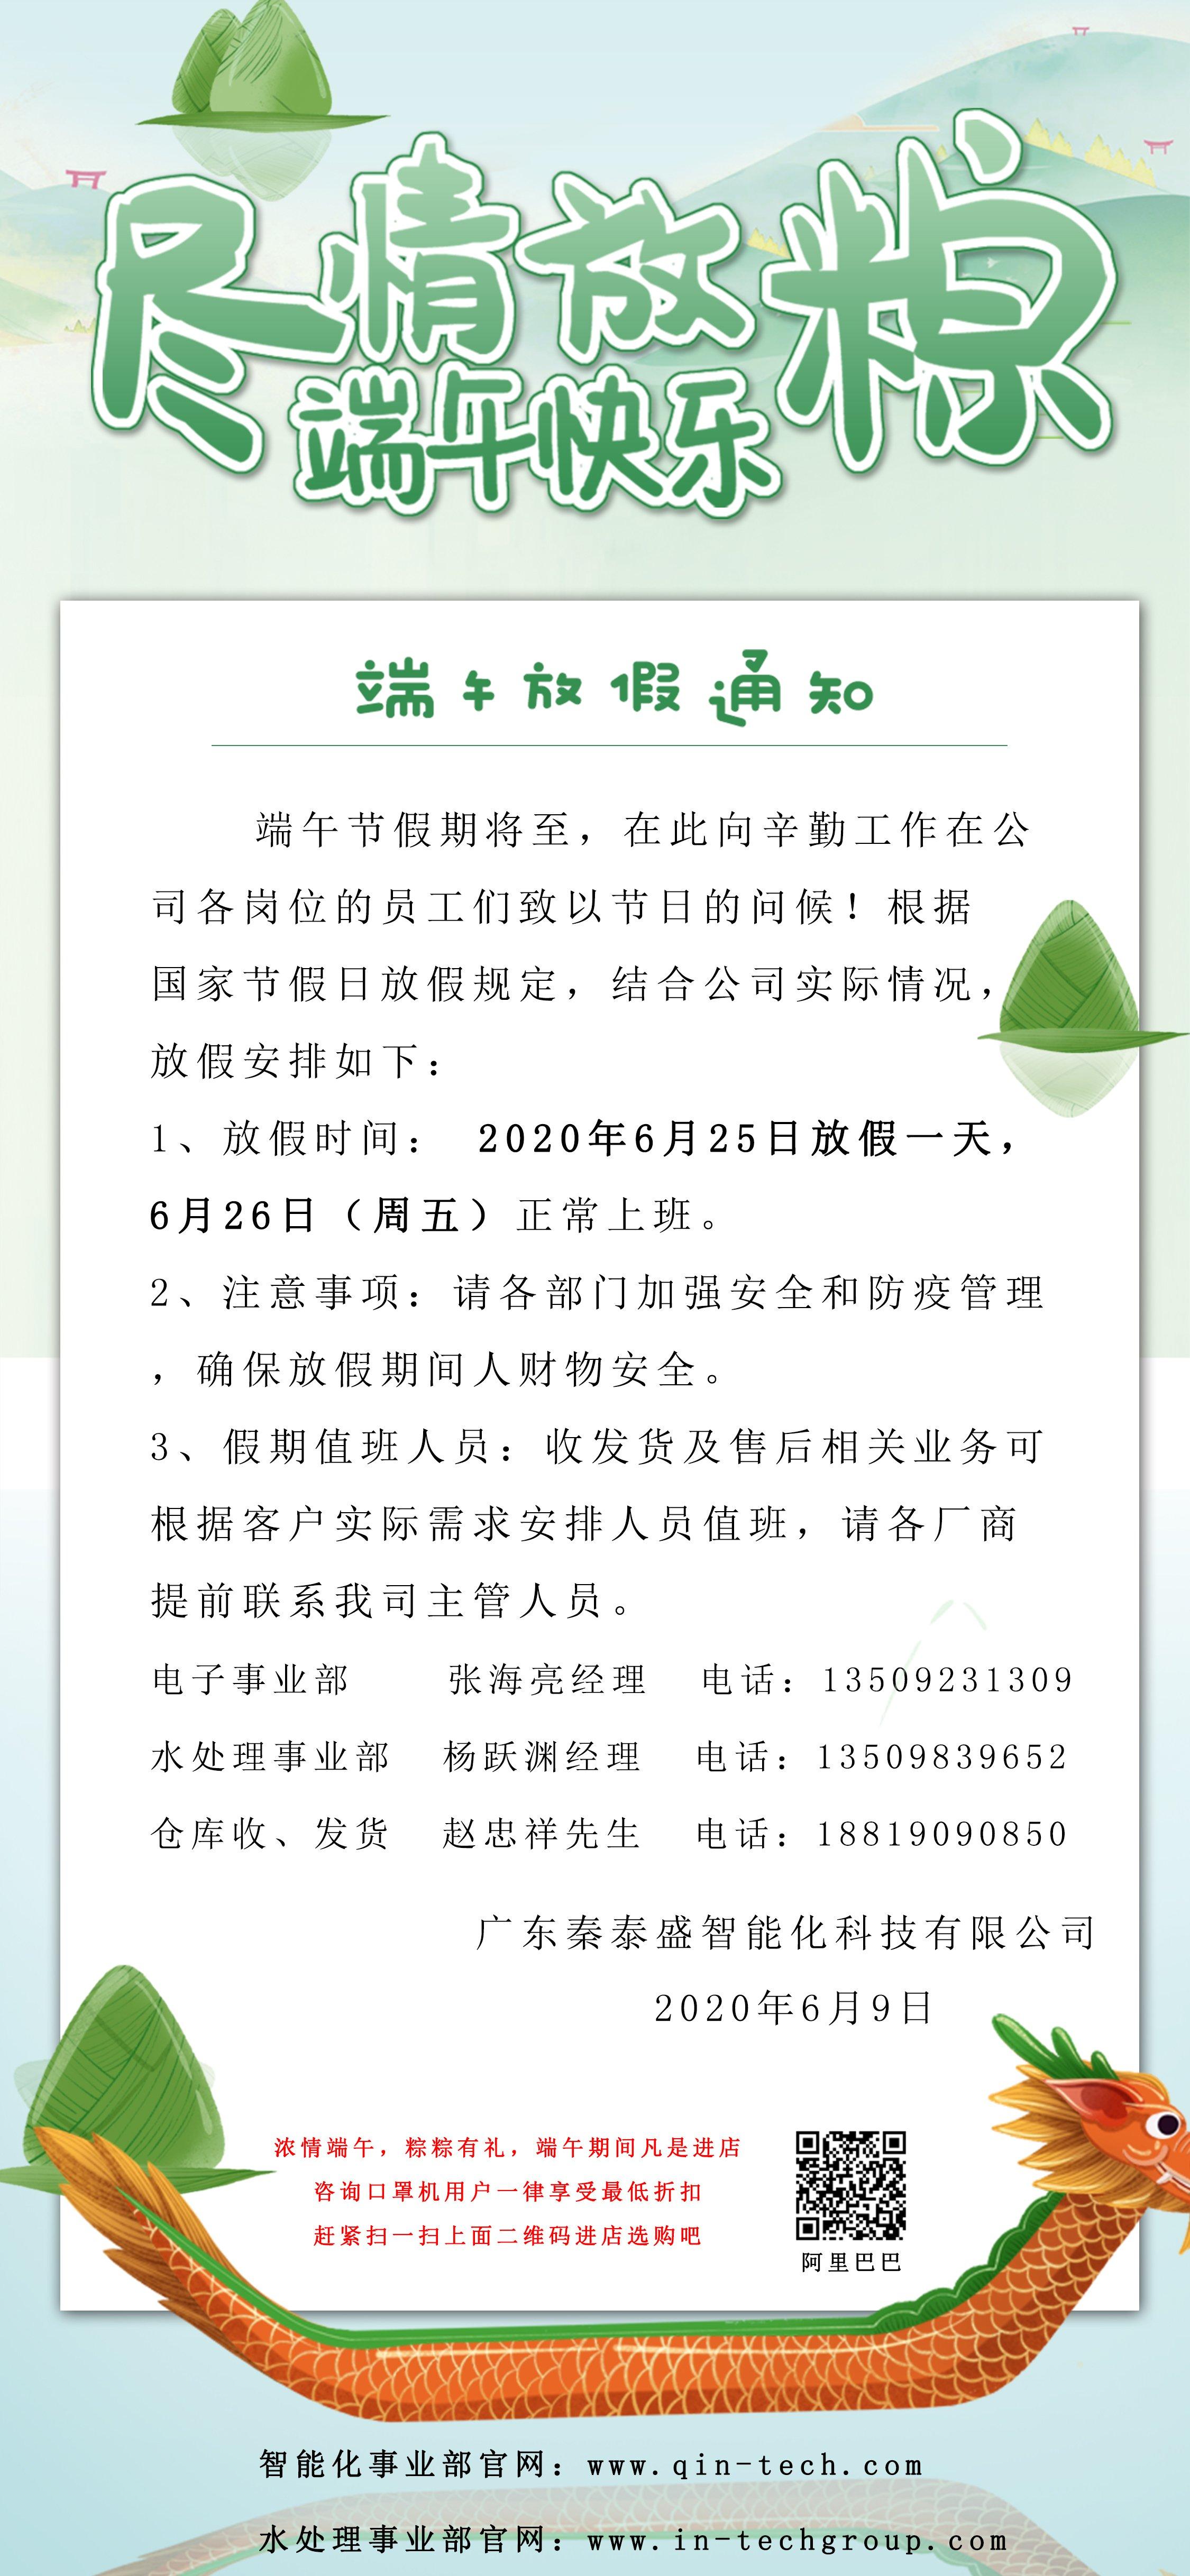 广东秦泰盛口罩机工厂端午节放假通知